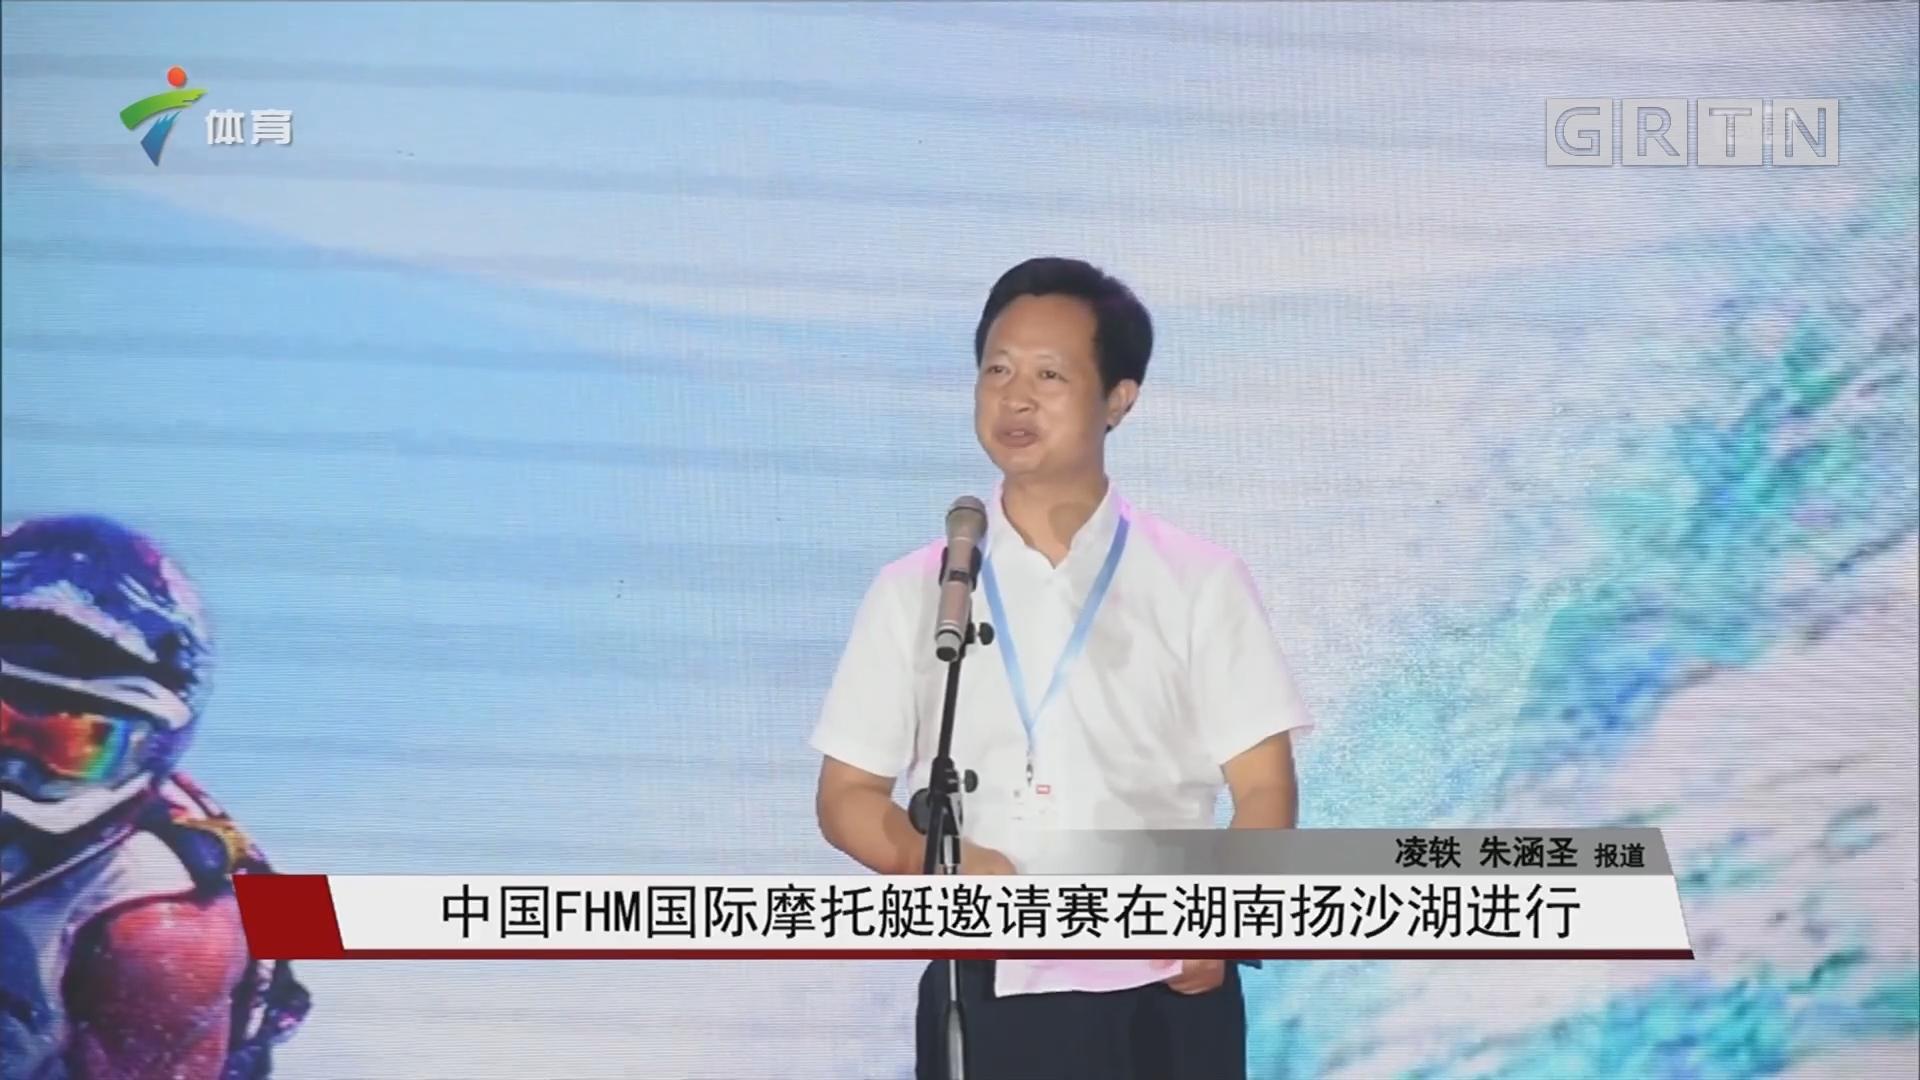 中国FHM国际摩托艇邀请赛在湖南扬沙湖进行